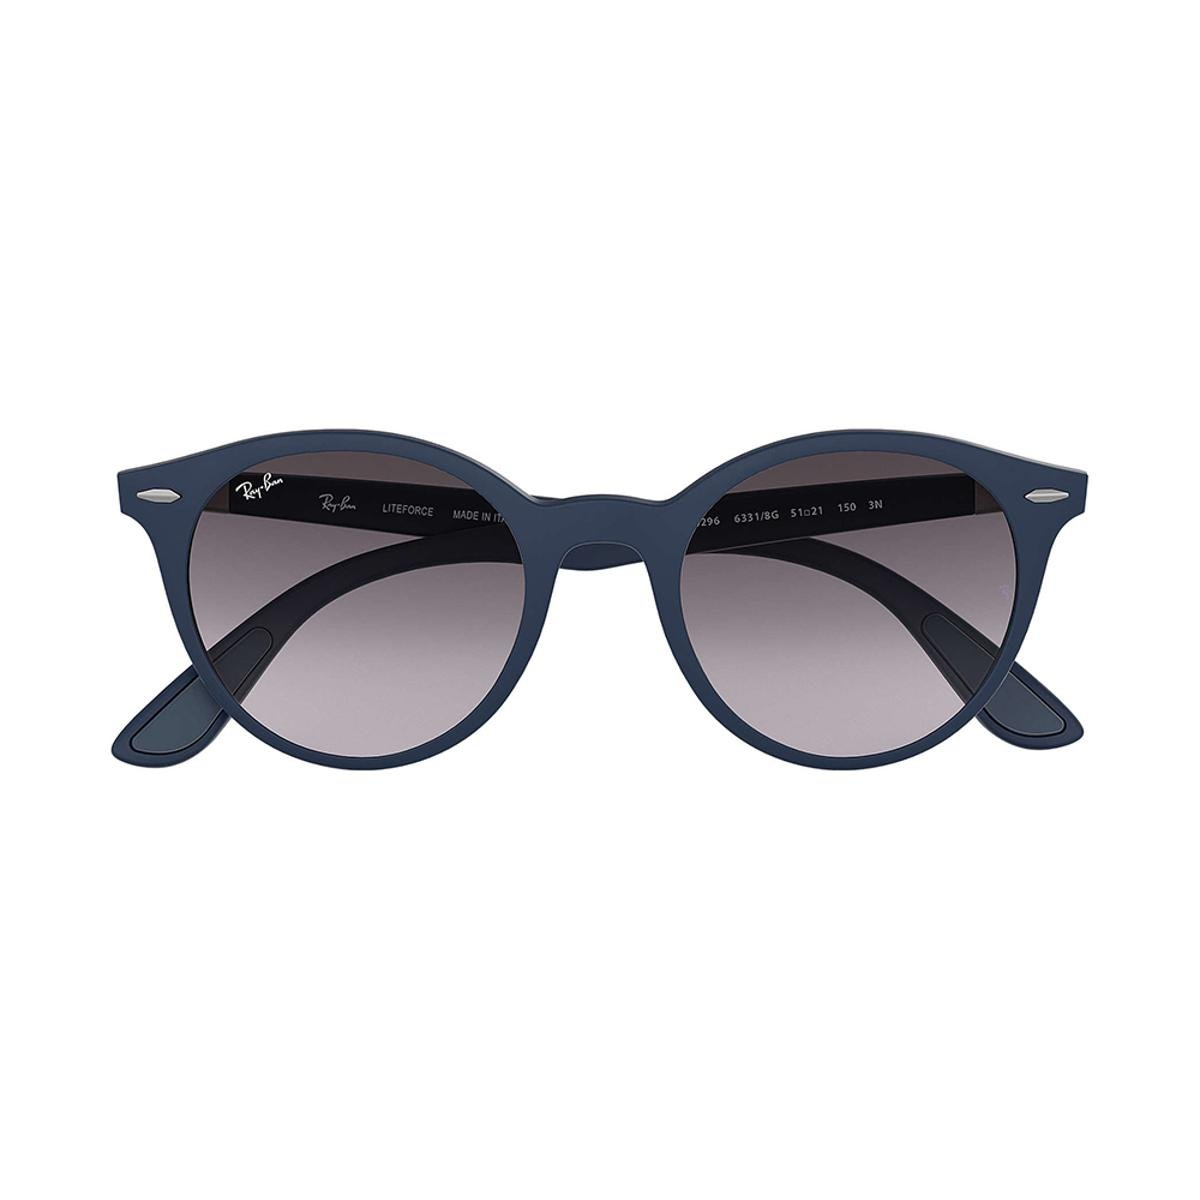 Óculos de Sol Ray-Ban RB4296 Feminino - Azul - Compre Agora   Netshoes 3cb0d1521d